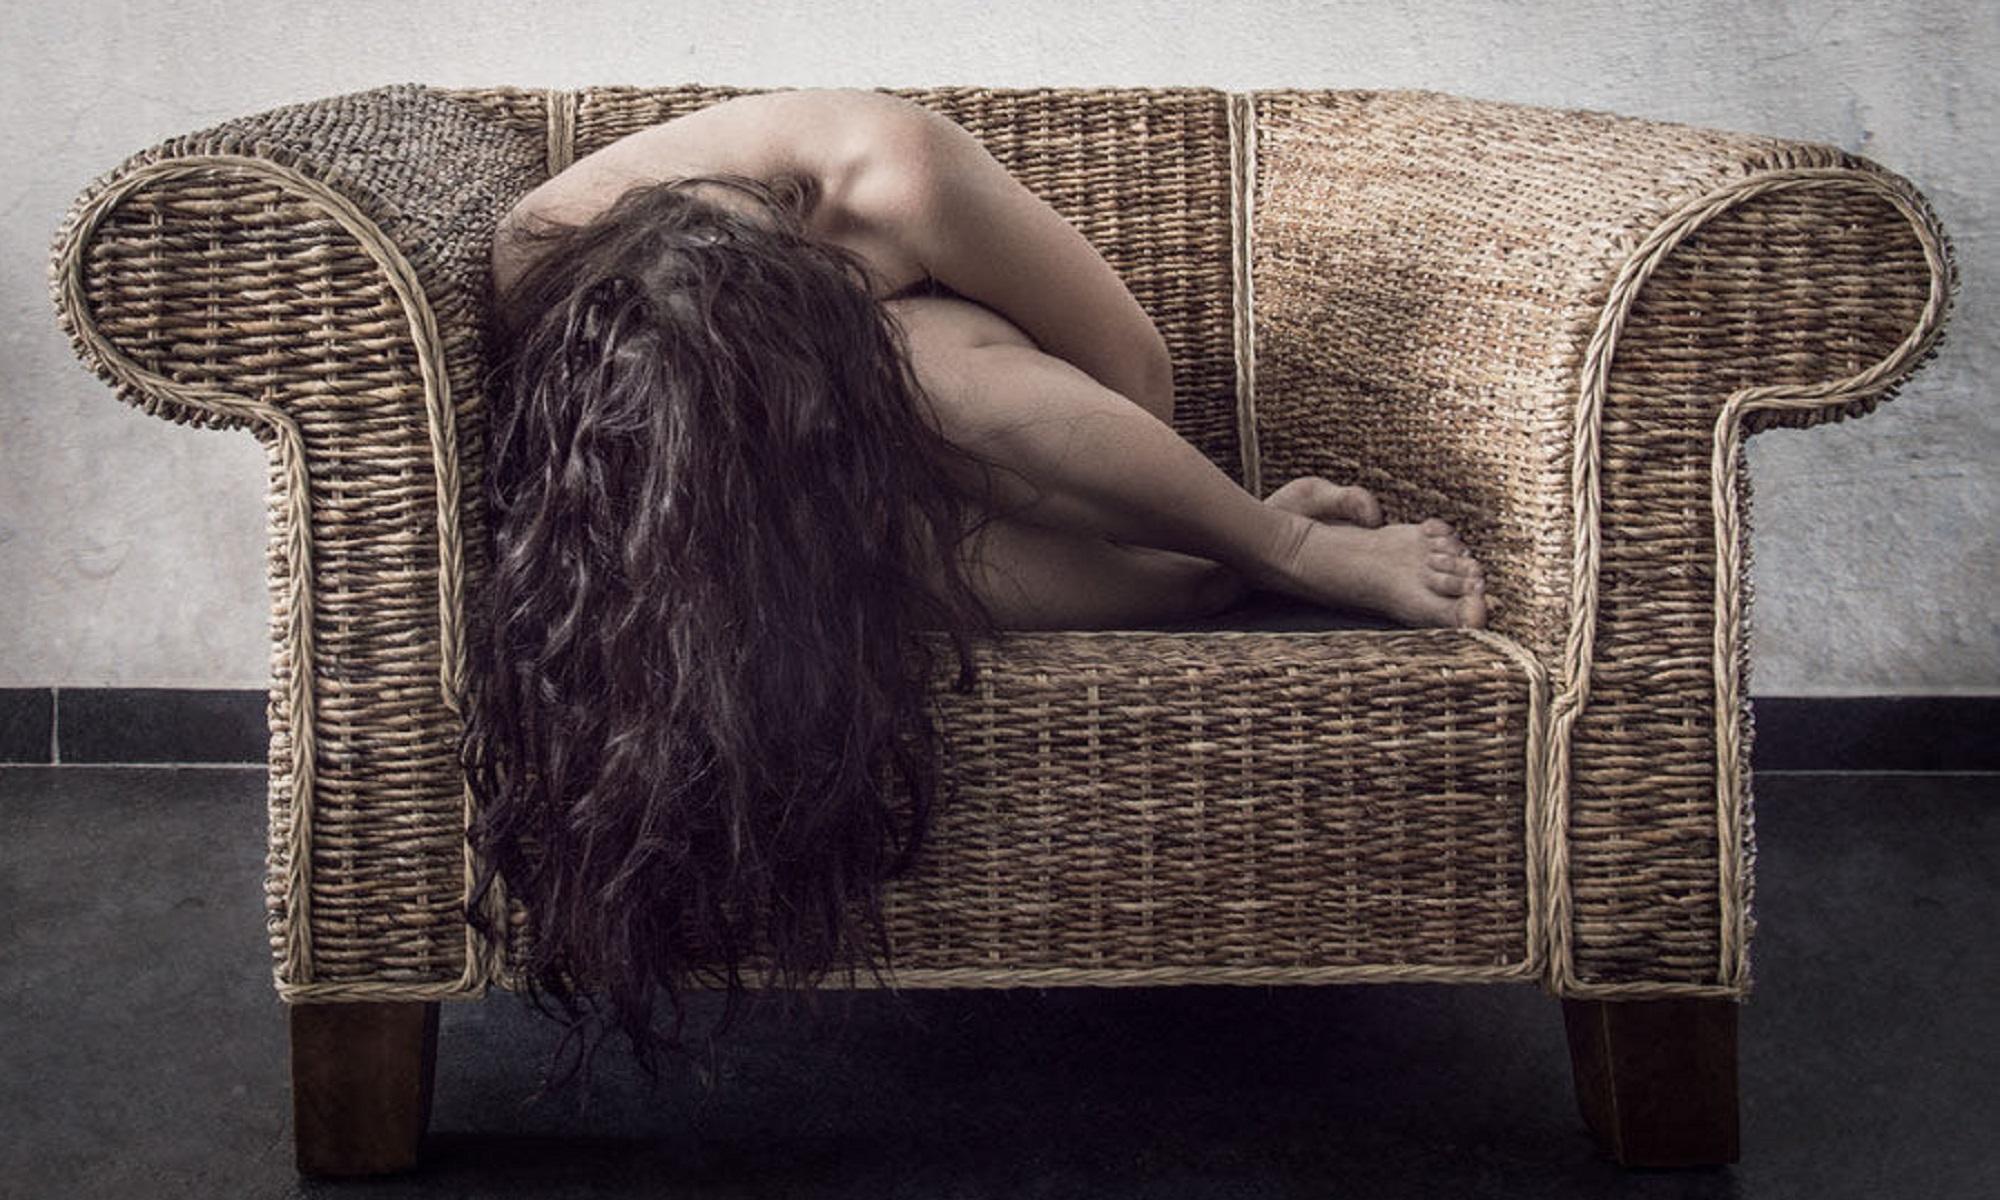 Bol-pri-polovom-akte-i-ehto-ne-BDSM